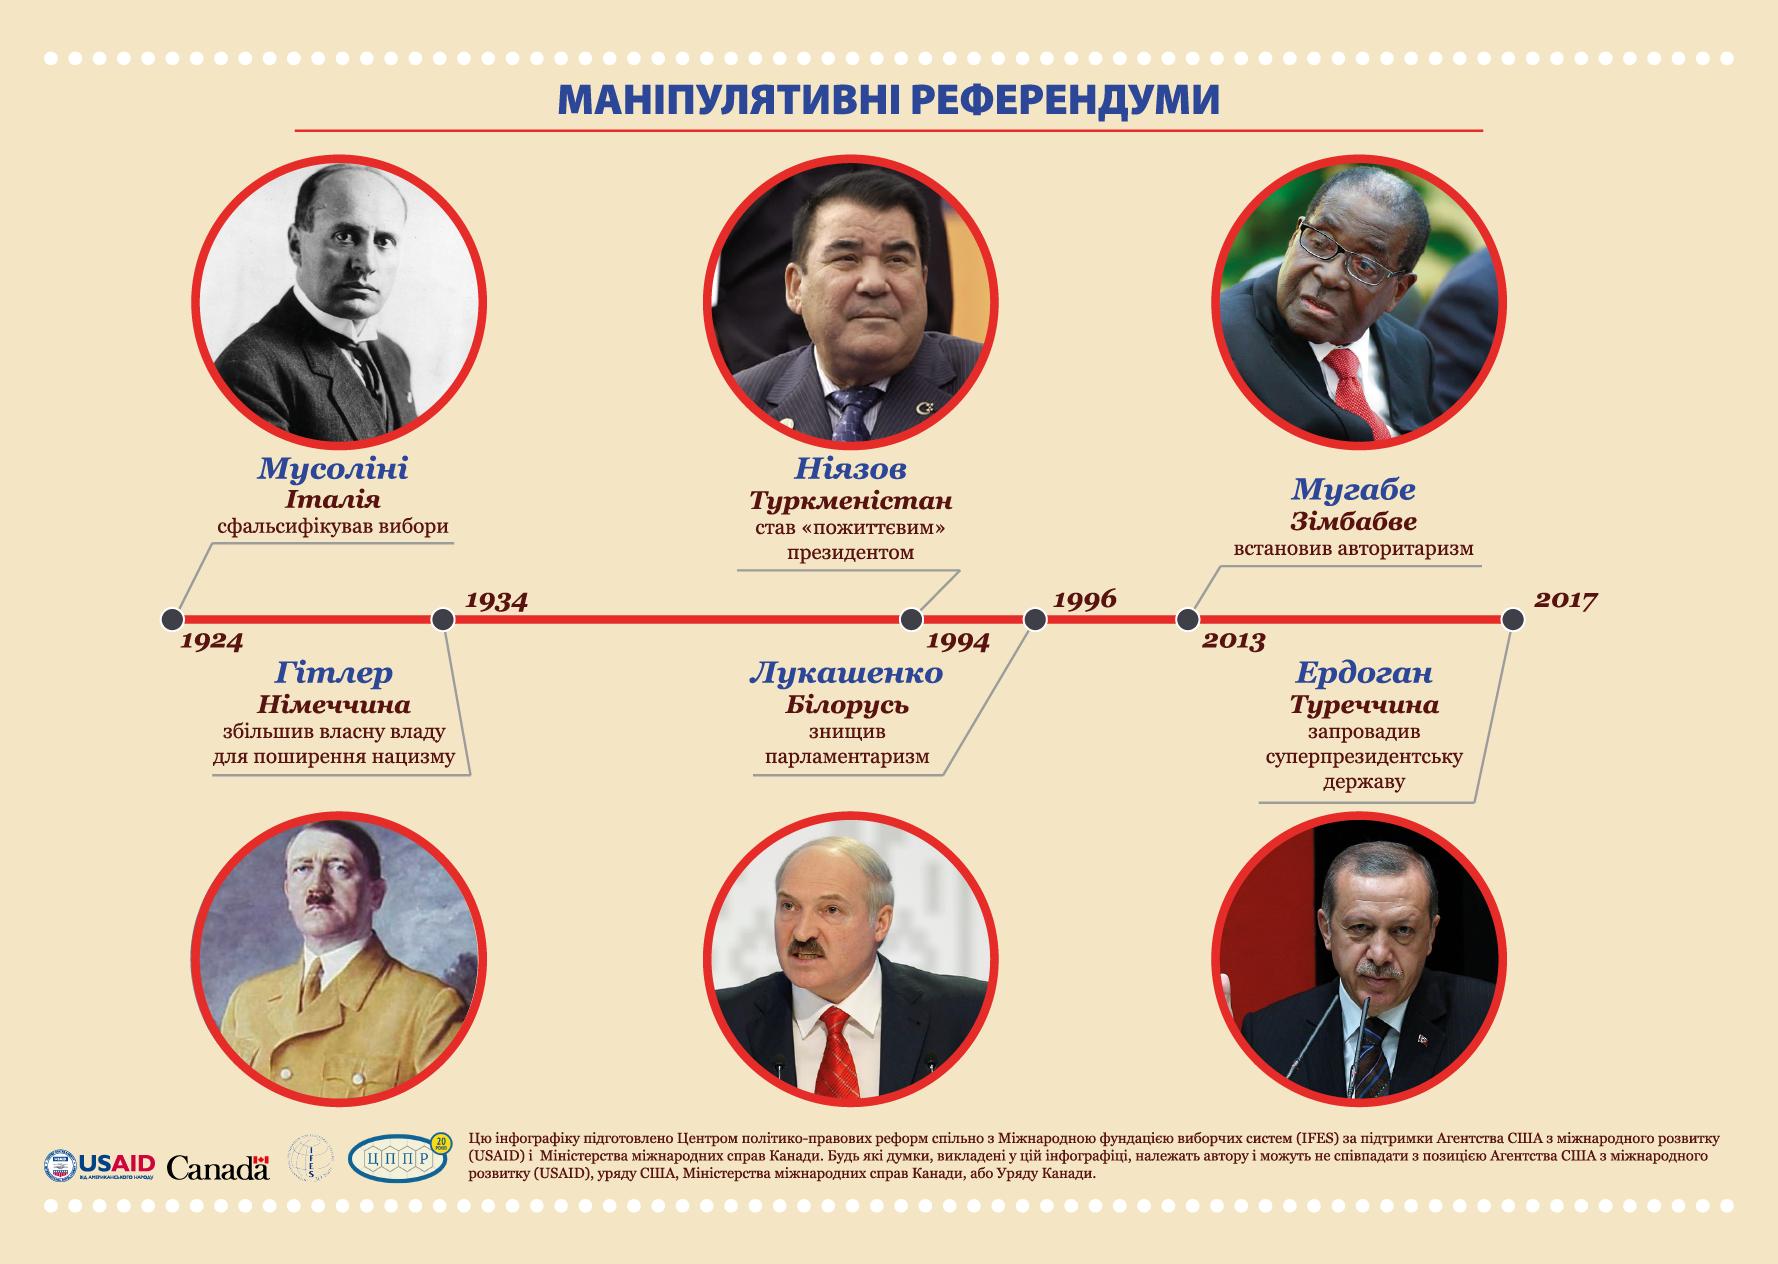 Инфографика 2 - Референдум